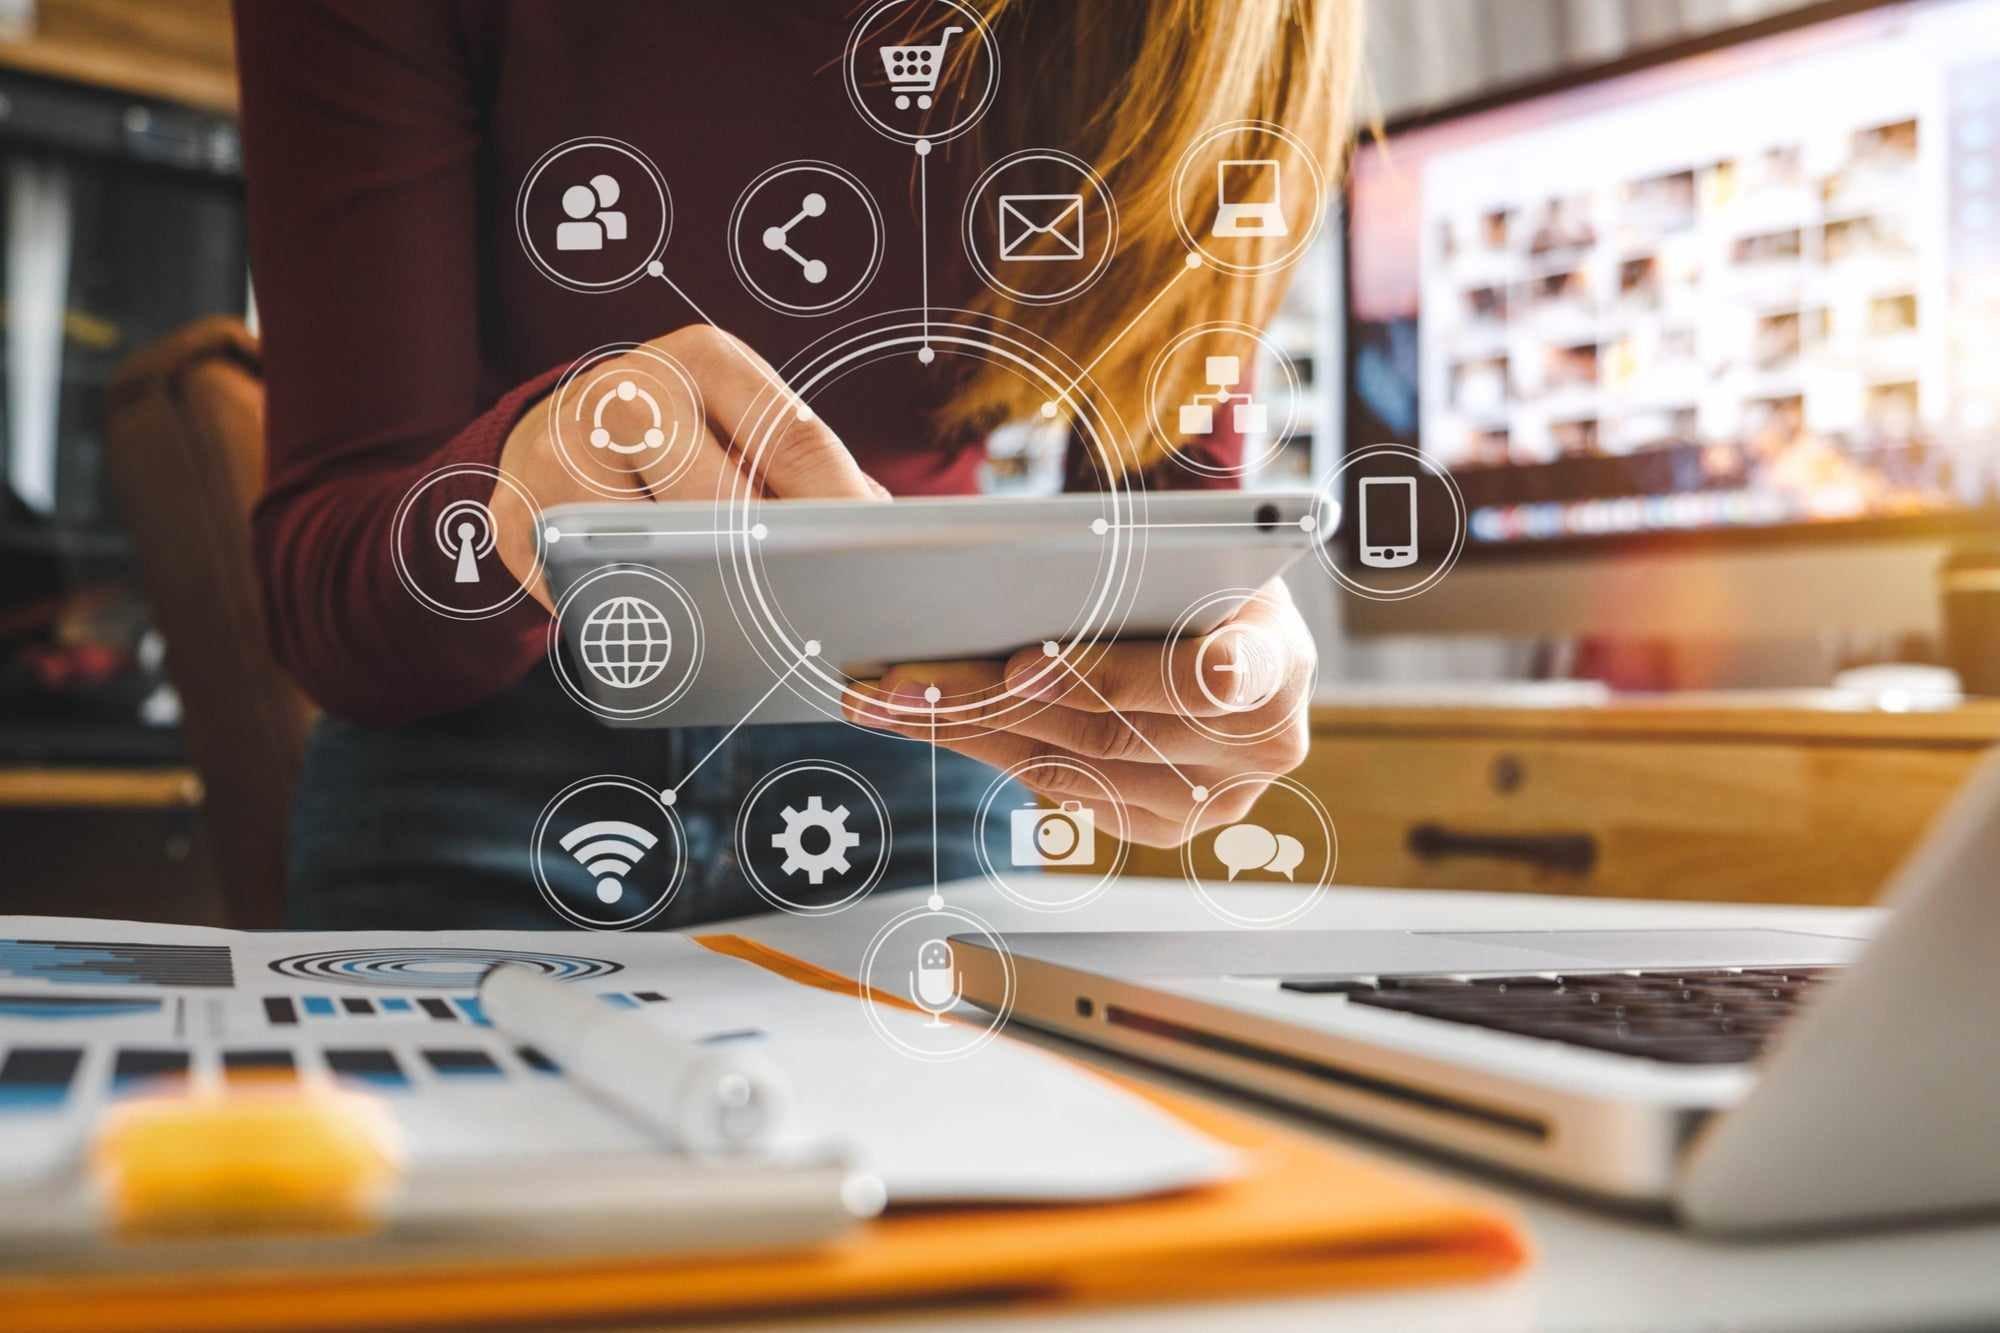 Тренды 2021: диджитал, экономика, коммуникации, медиа